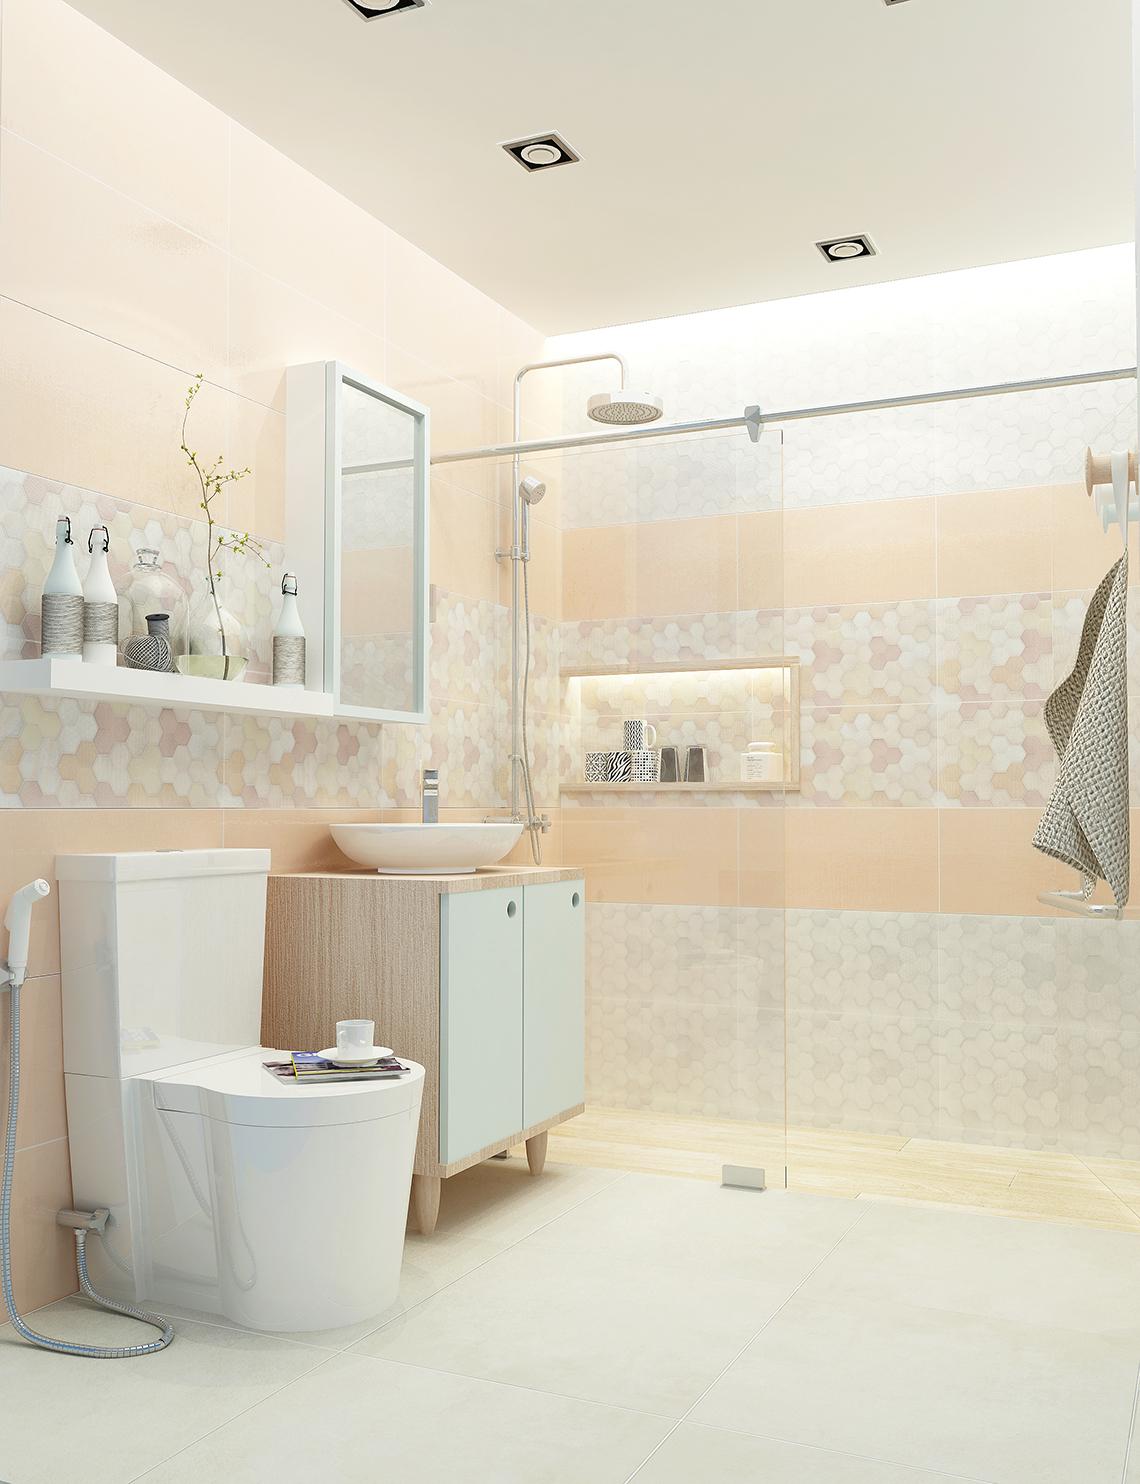 รูป ห้องน้ำ ลวดลายกราฟฟิค สร้างสรรค์ห้องน้ำ อย่างมีดีไซน์